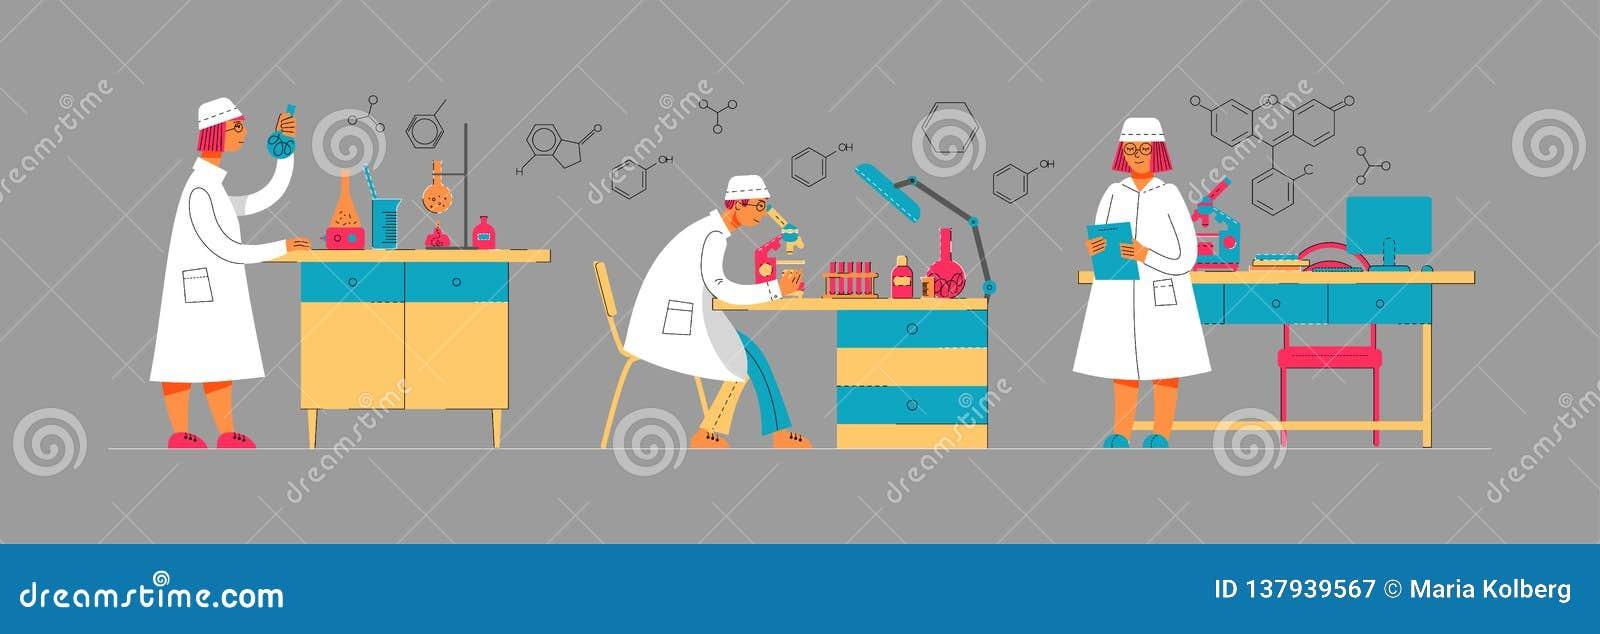 Люди в форме работают в лаборатории Химическая и биологическая лаборатория